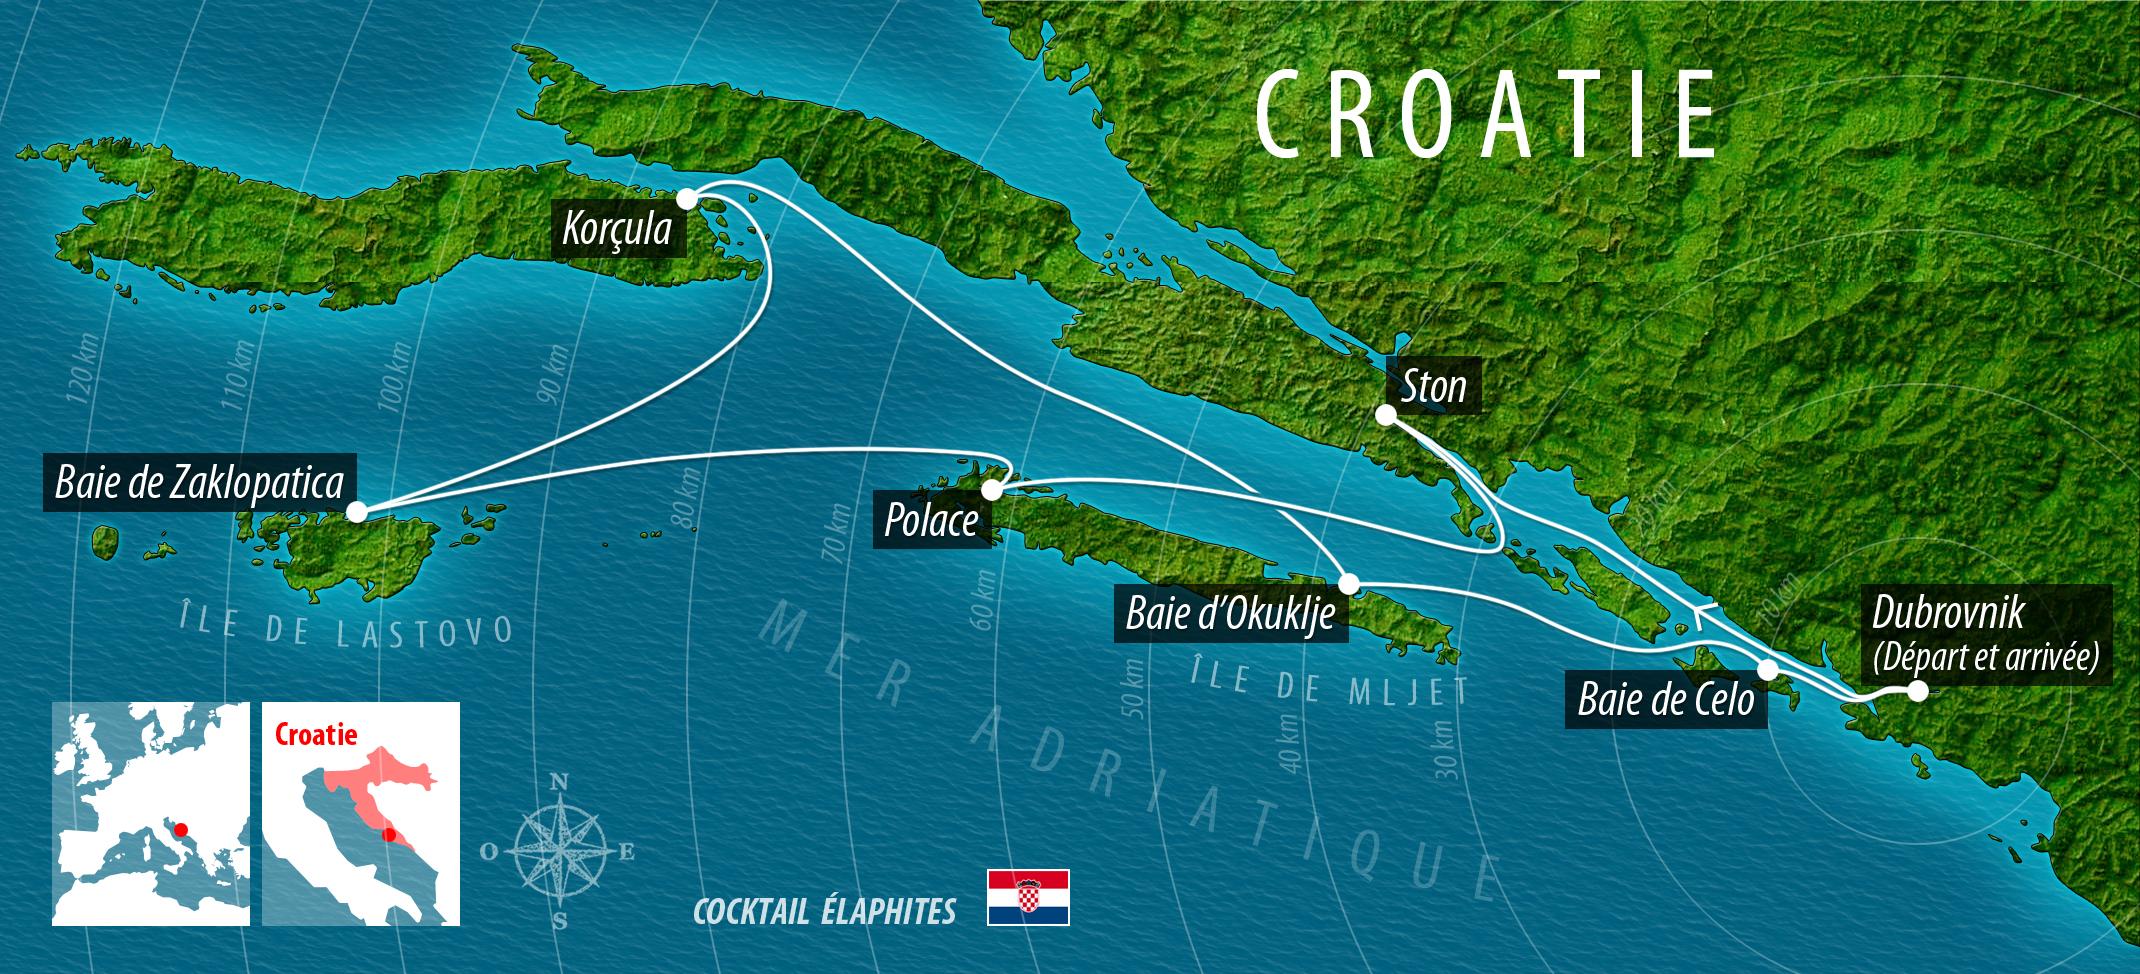 croisiere croatie